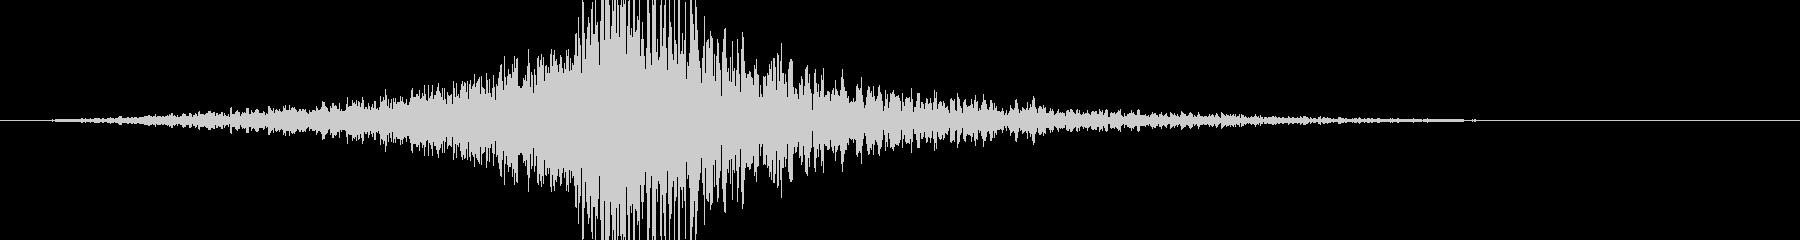 ビッグインパクトエクスプロージョン2の未再生の波形